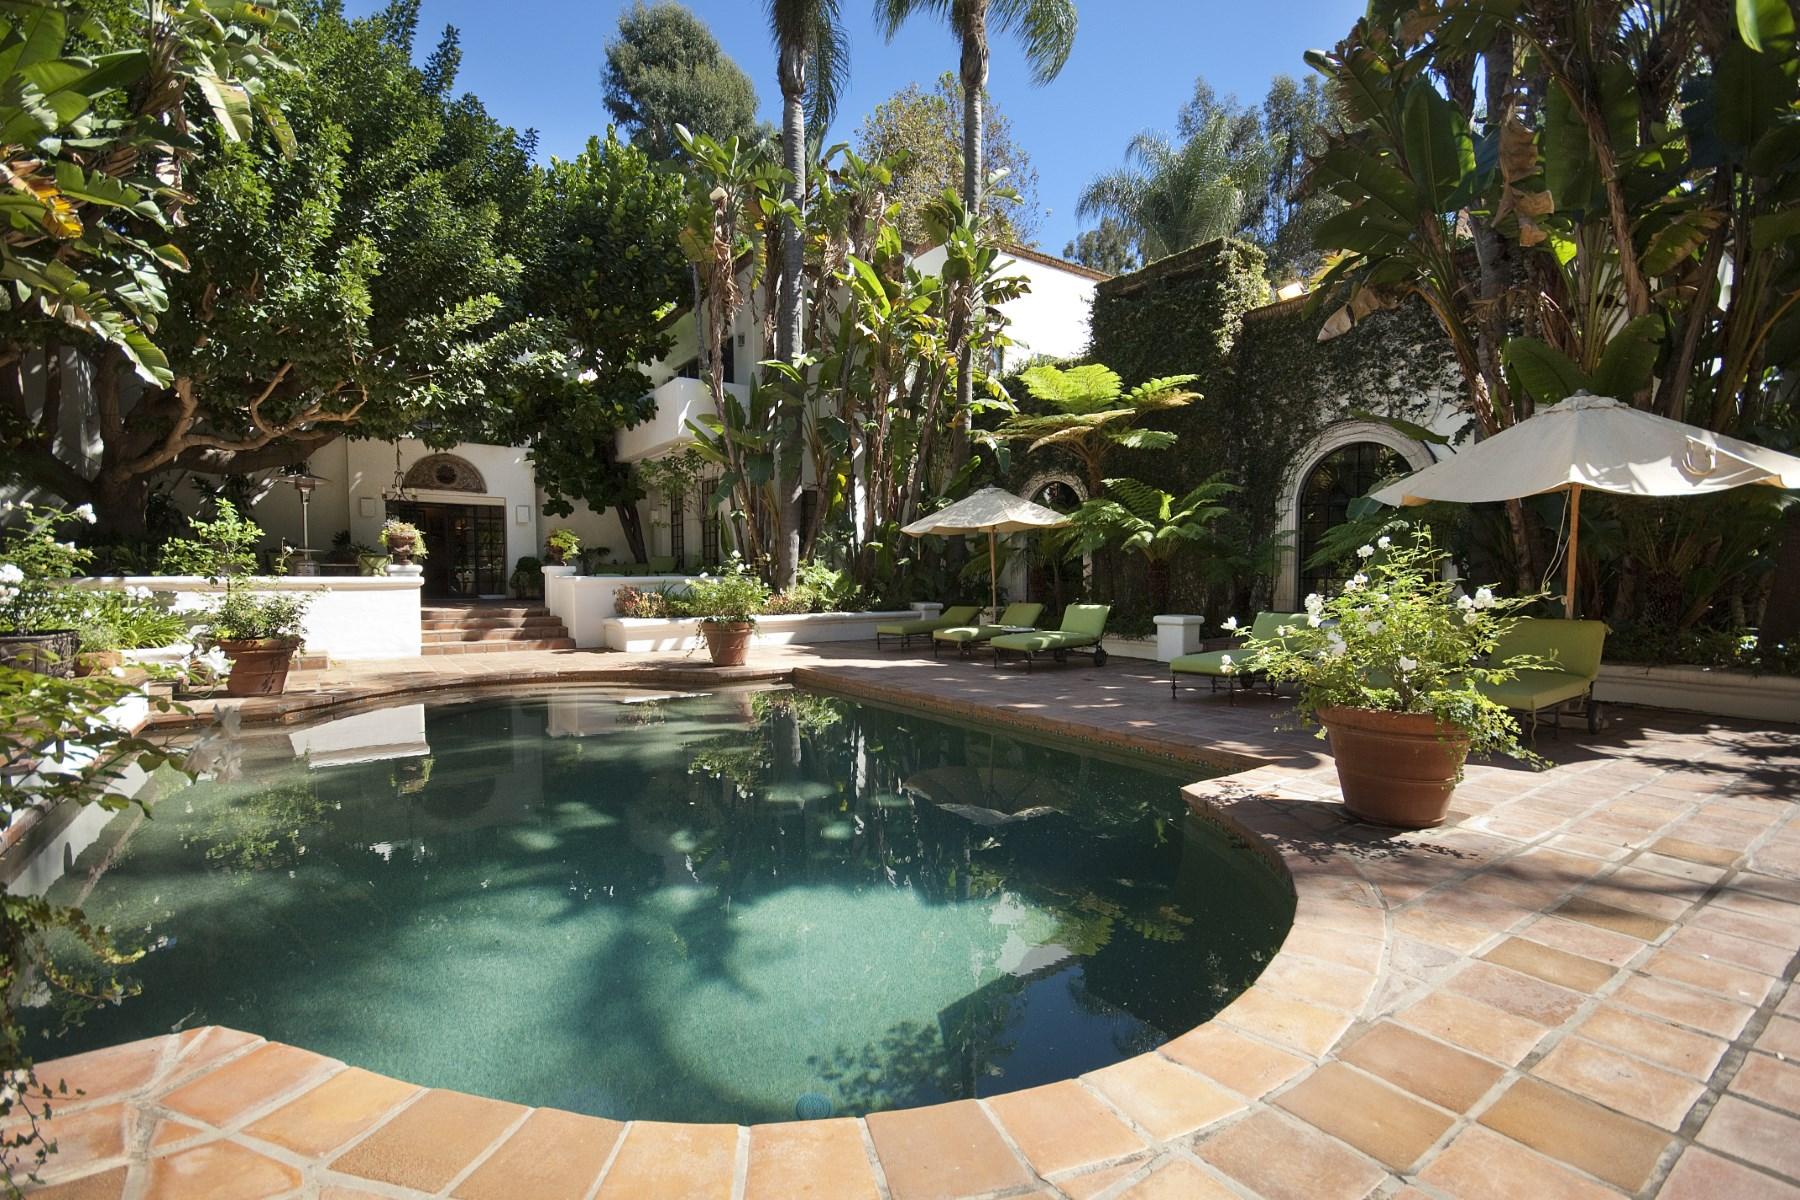 独户住宅 为 销售 在 Serra Retreat Spanish Colonial 23111 Mariposa De Oro Street 马里布, 加利福尼亚州, 90265 美国